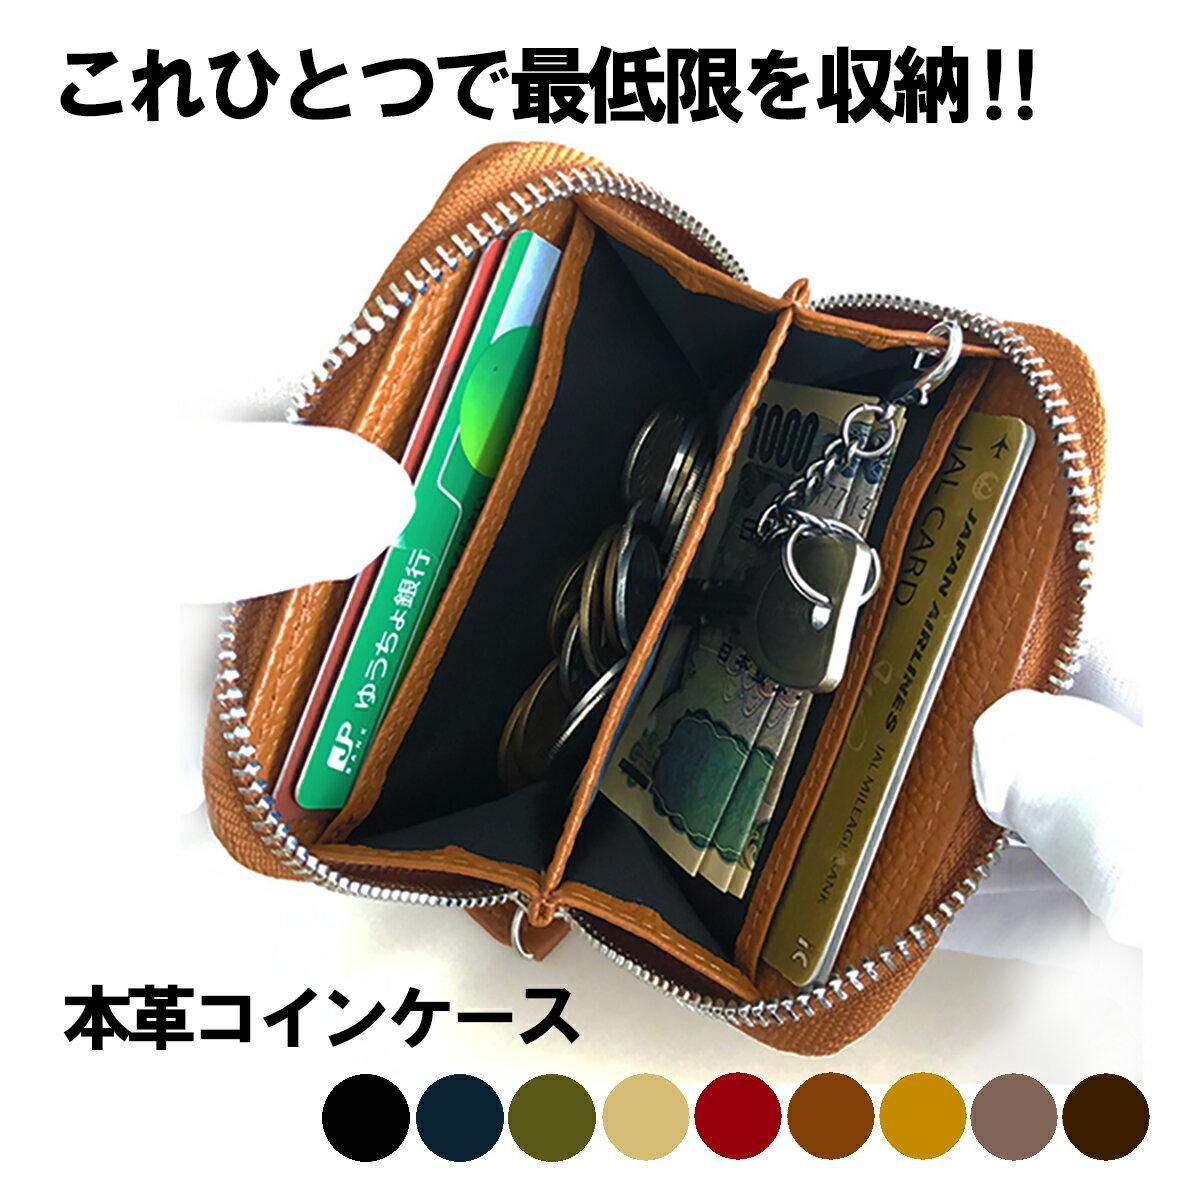 STREAM ストリーム 本革 牛革 革 小銭入れ コインケース 6ポケット ラウンドファスナー YKKファスナー メンズ レディース